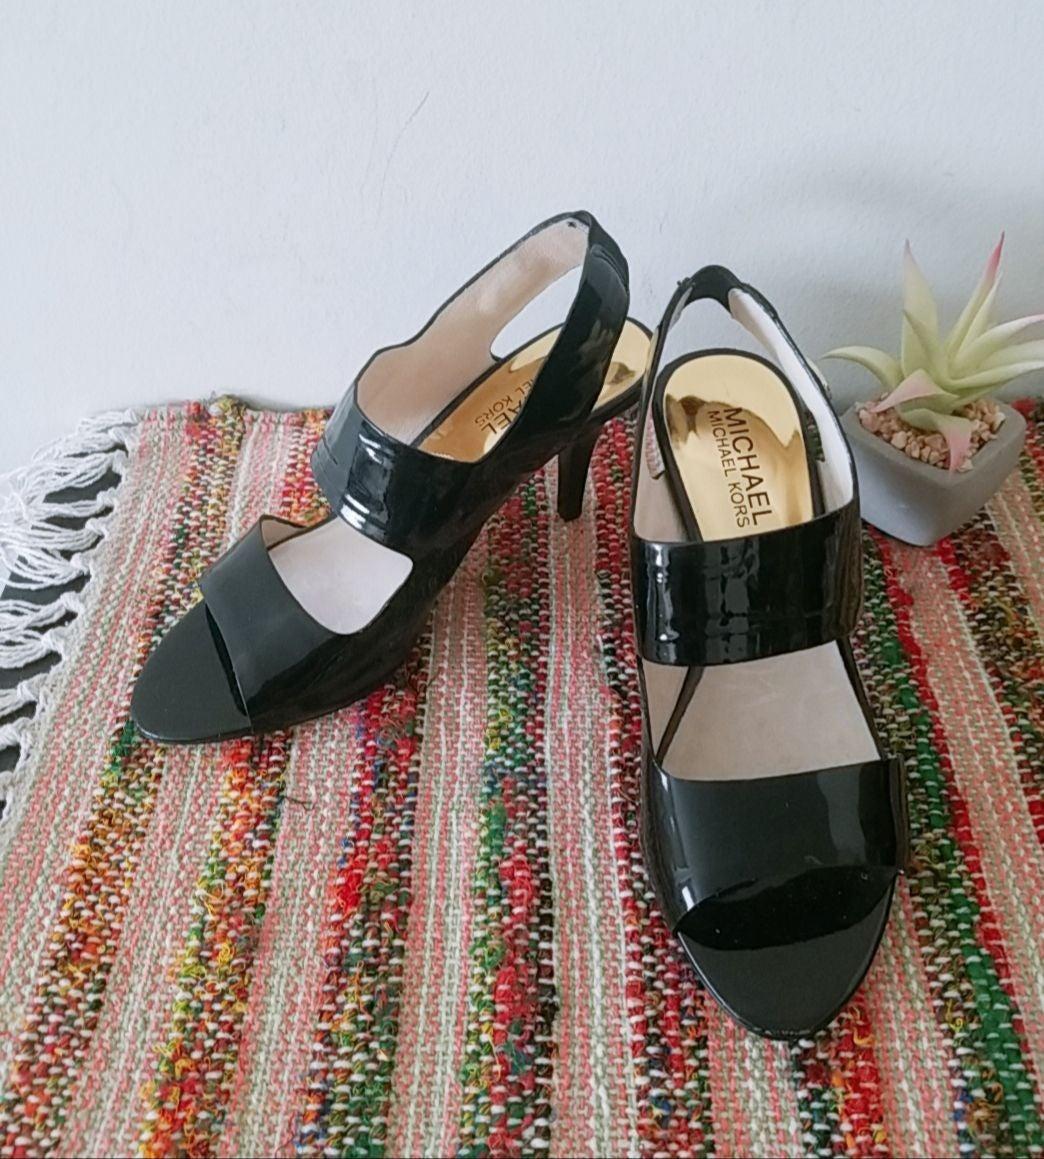 Michael Kors pumps sandals